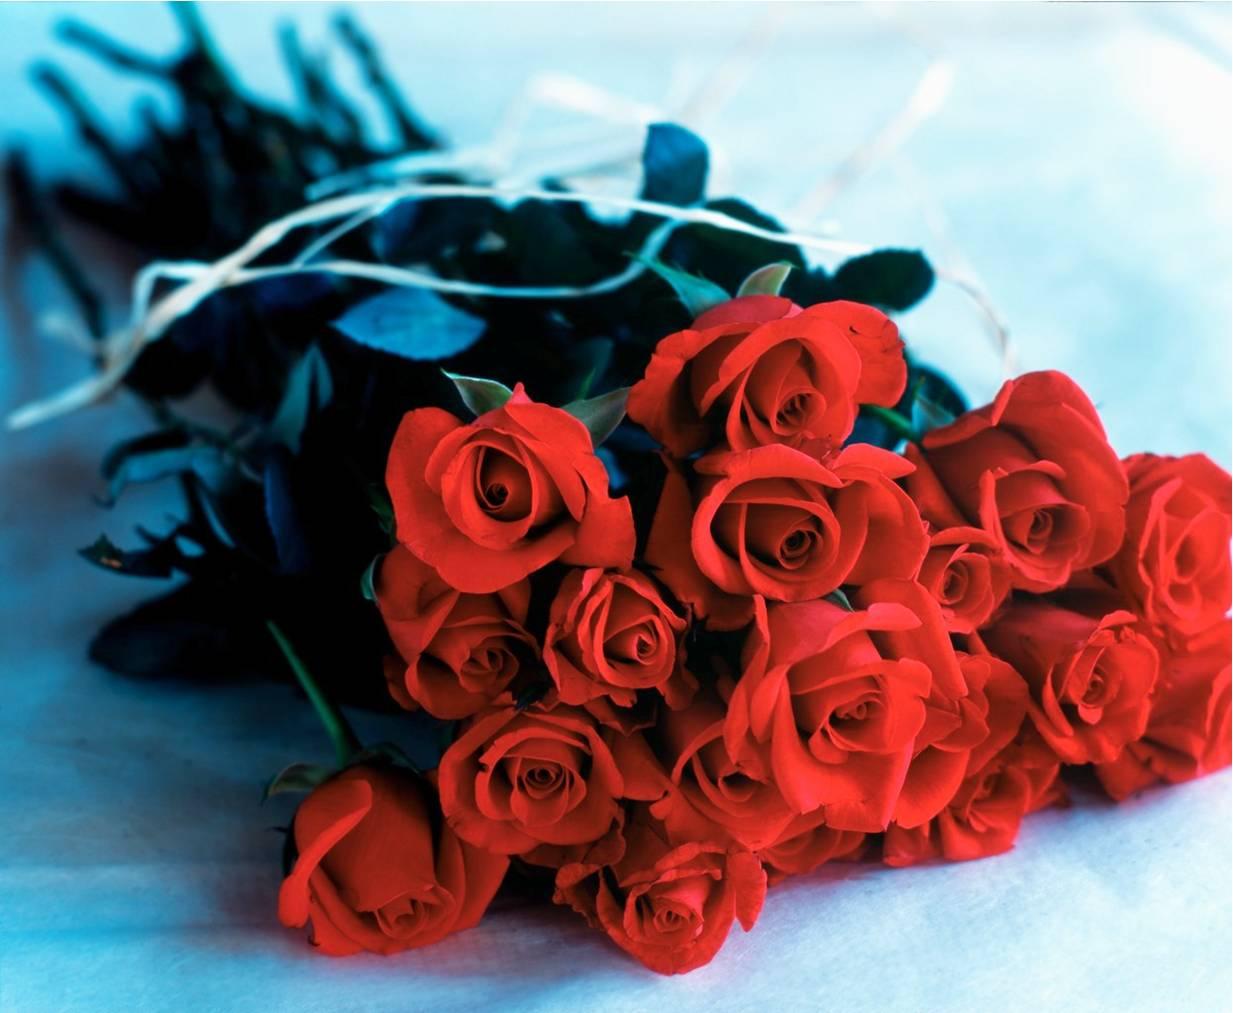 Хитрый ход: судебные приставы приманили должника, заказав у него букет роз